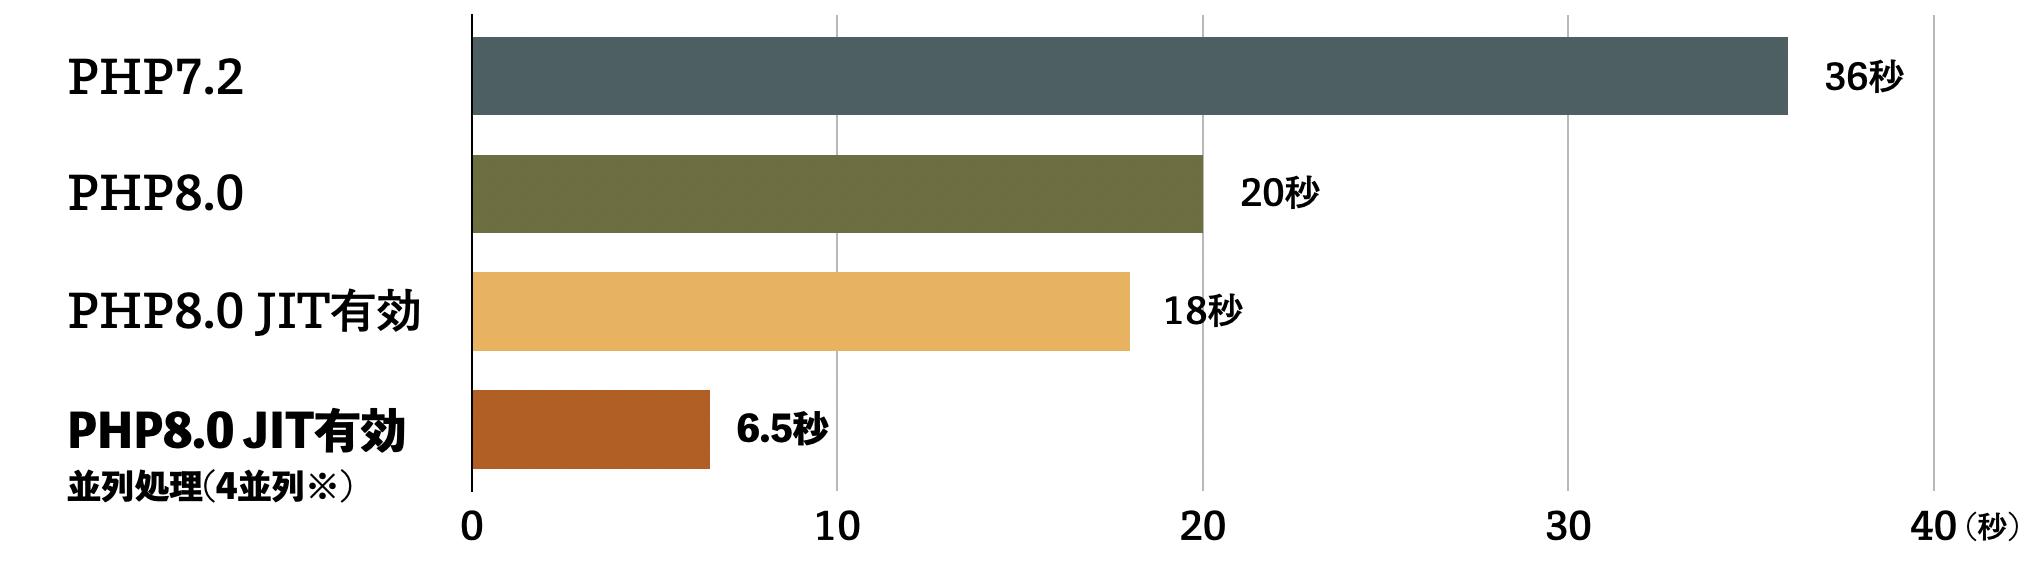 グラフ:PHP7.2 36秒平均、PHP8.0 JIT OFF 20秒平均、PHP8.0 JIT ON 18秒平均、PHP8.0 JIT ON 並列処理有効化(4並列) 6.5秒平均